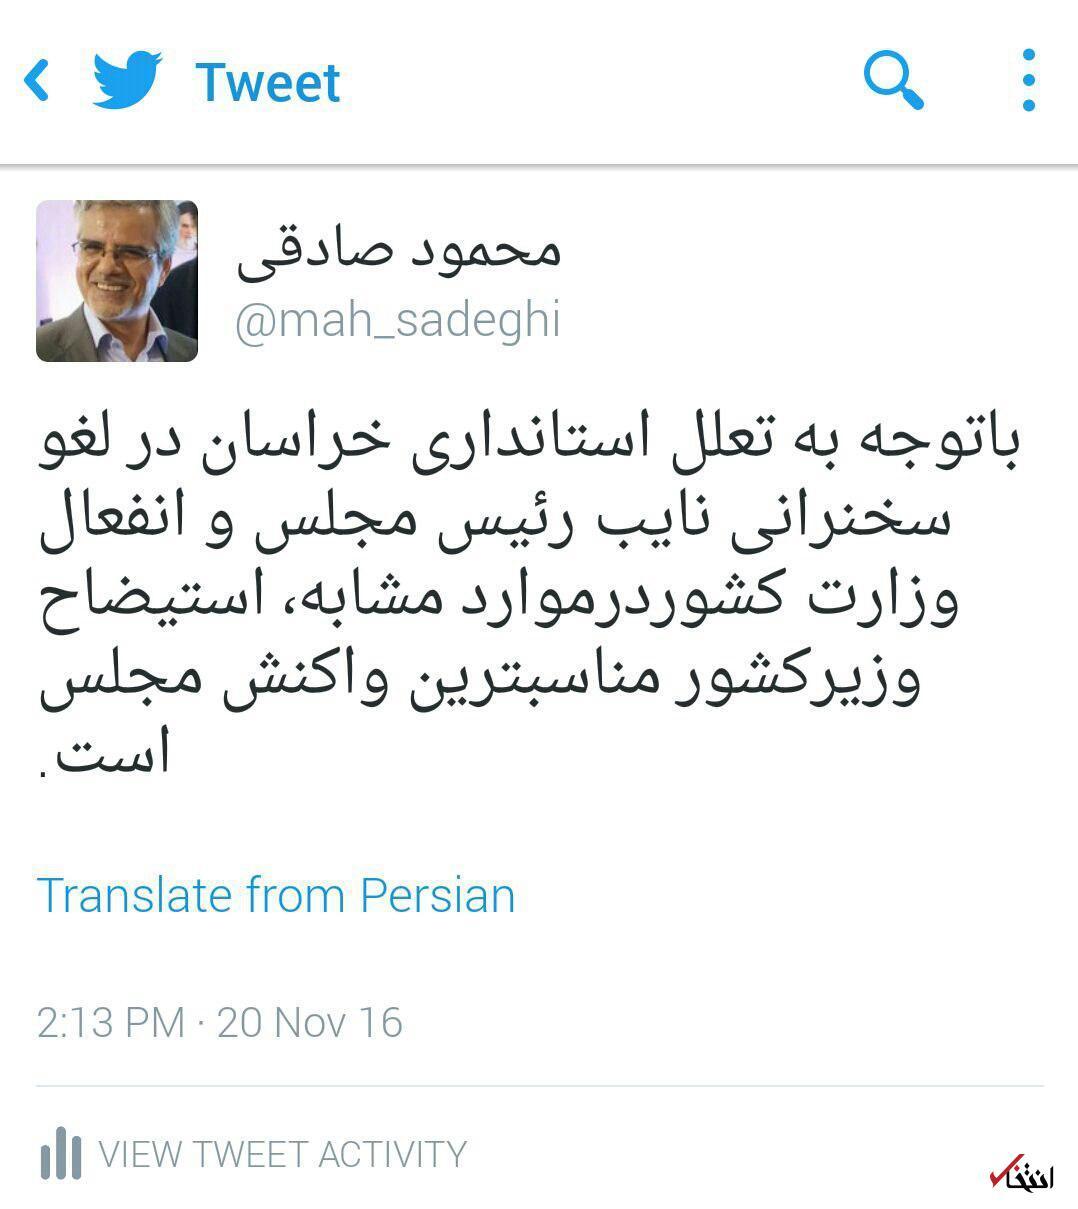 لغو سخنرانی علی مطهری در مشهد / محمودصادقی: وزارت کشور در مشهد چکاره است؟! / عزیزان مسئول! گویا مشهد جزیره ای جداست